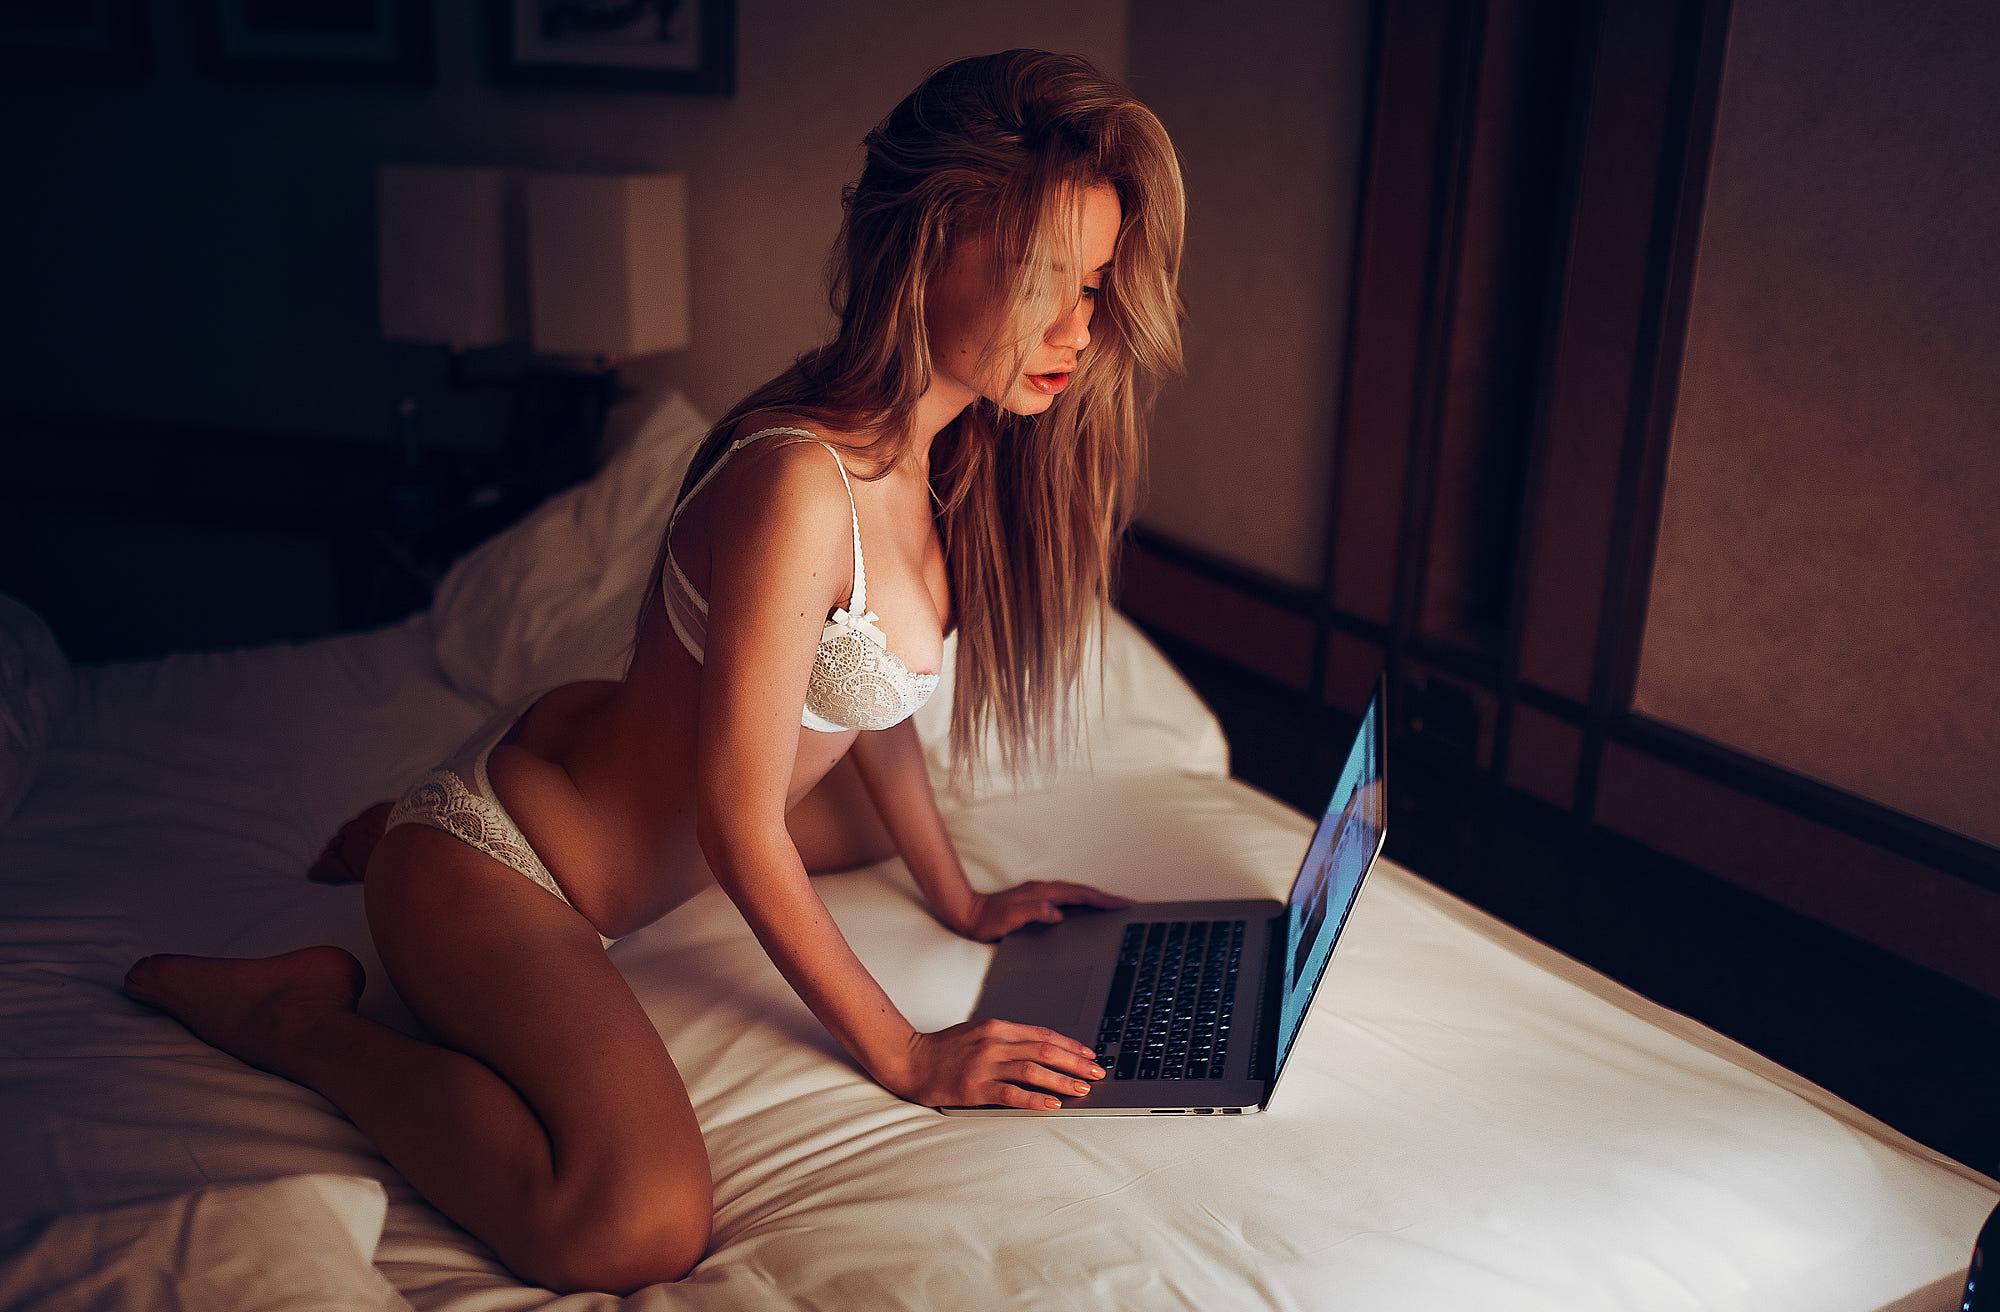 Онлайн Общение С Голыми Девушками